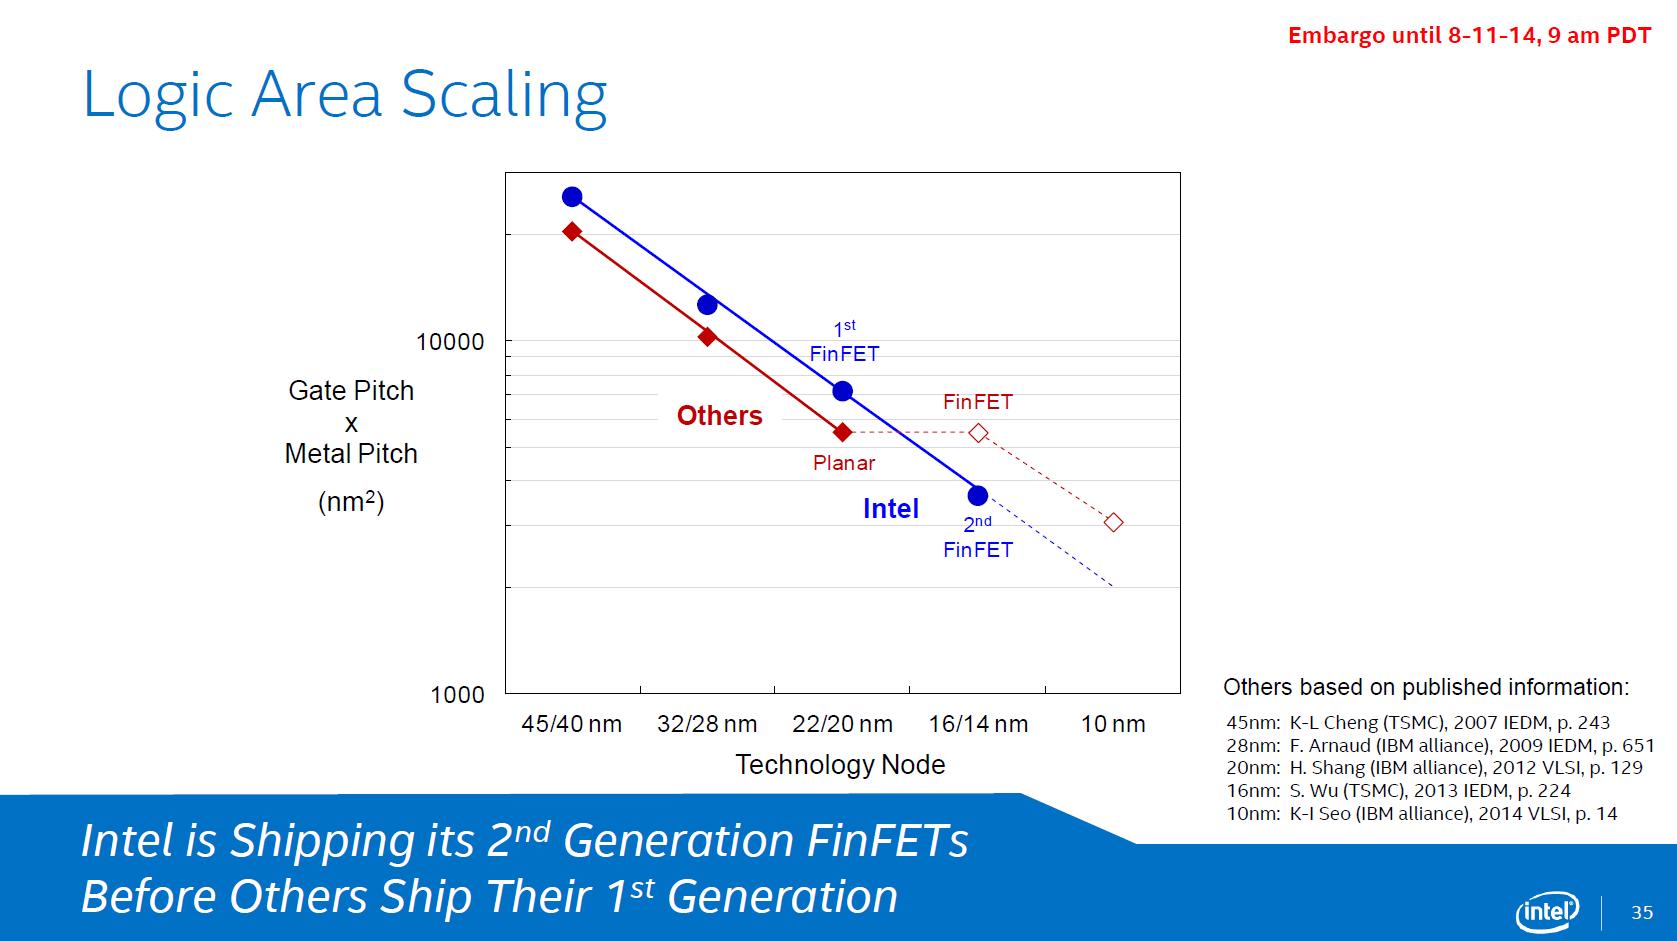 Skalierungen im Vergleich von Intel zur Konkurrenz